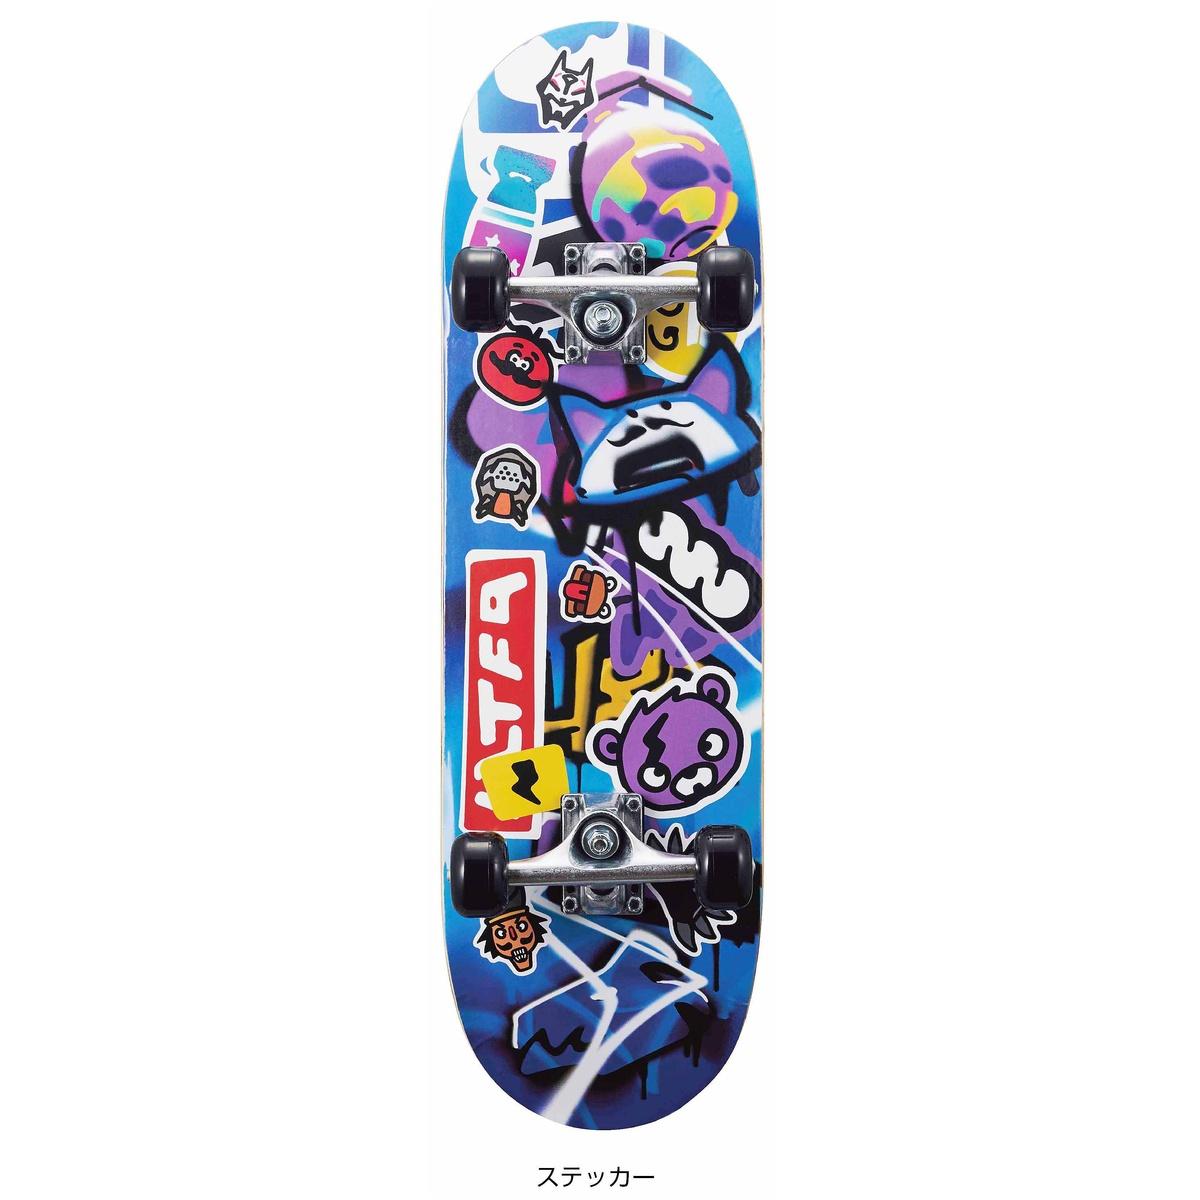 気質アップ ホイール エクストリーム スケートボード 豊富な品 フォートナイトスケートボード ステッカー FN20SB-SK ジュニア 28inch BLU